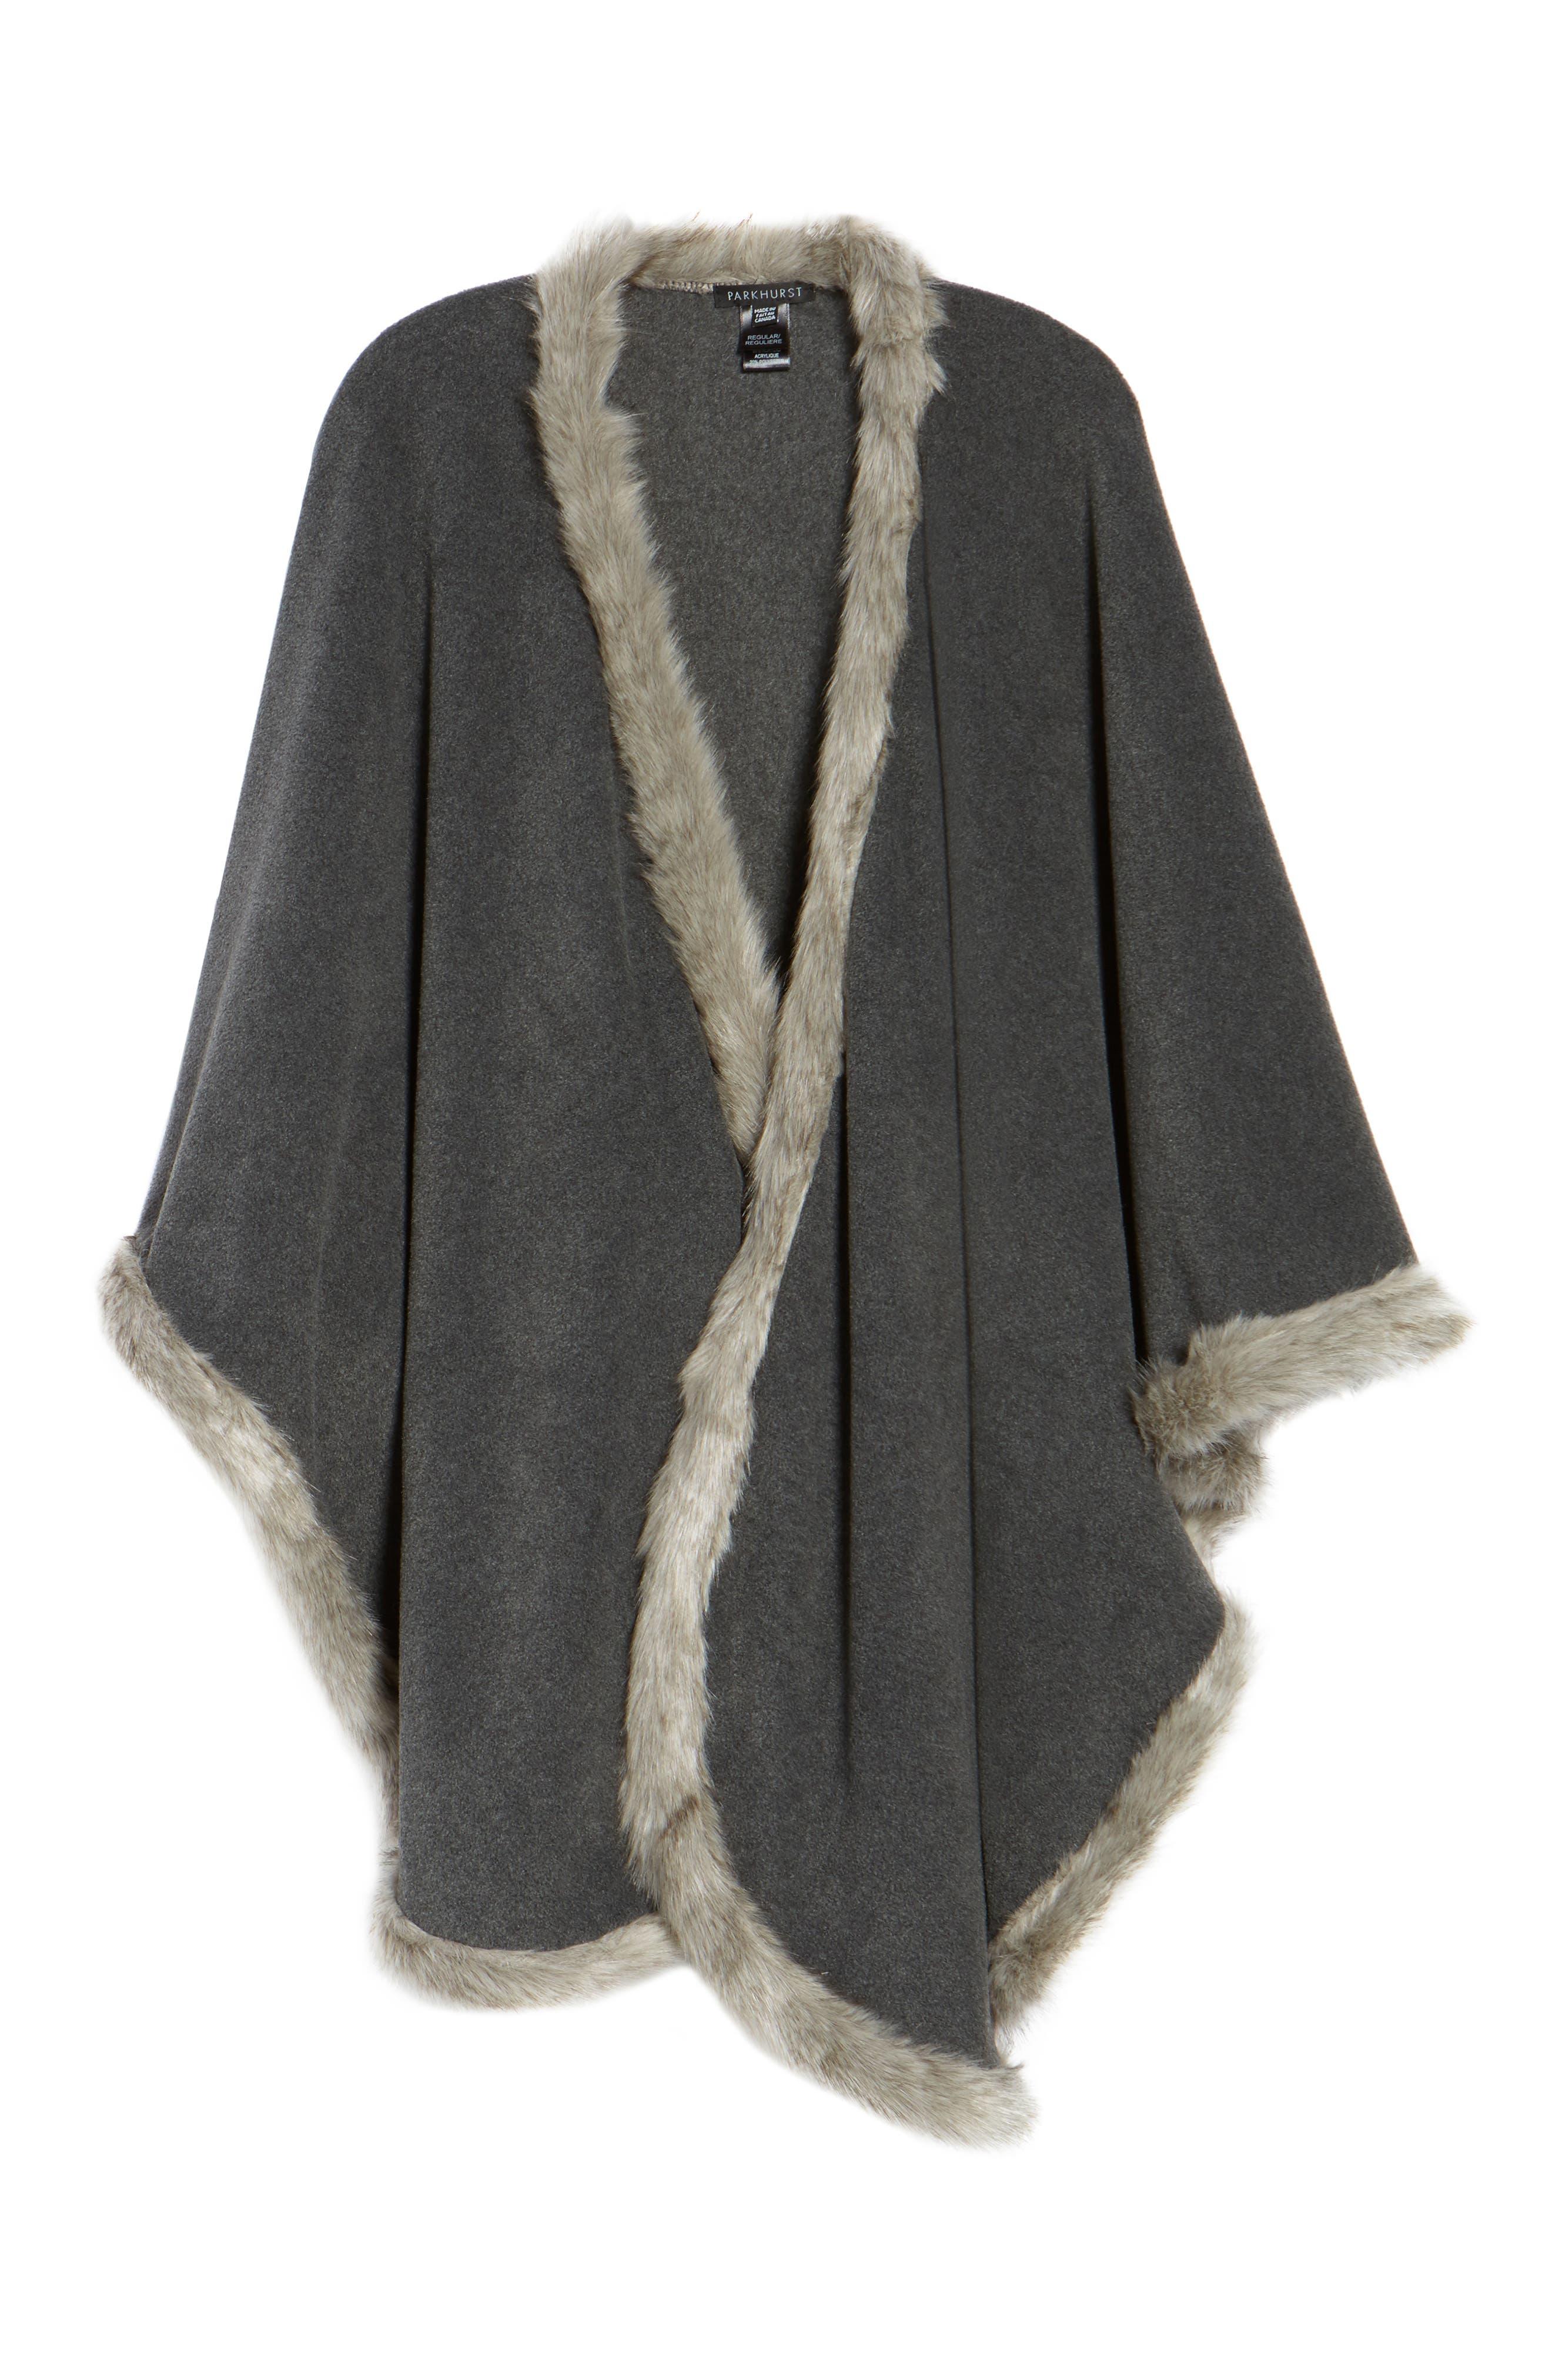 Tara Faux Fur Trim Wrap,                             Alternate thumbnail 6, color,                             Charcoal/ Granite Fox